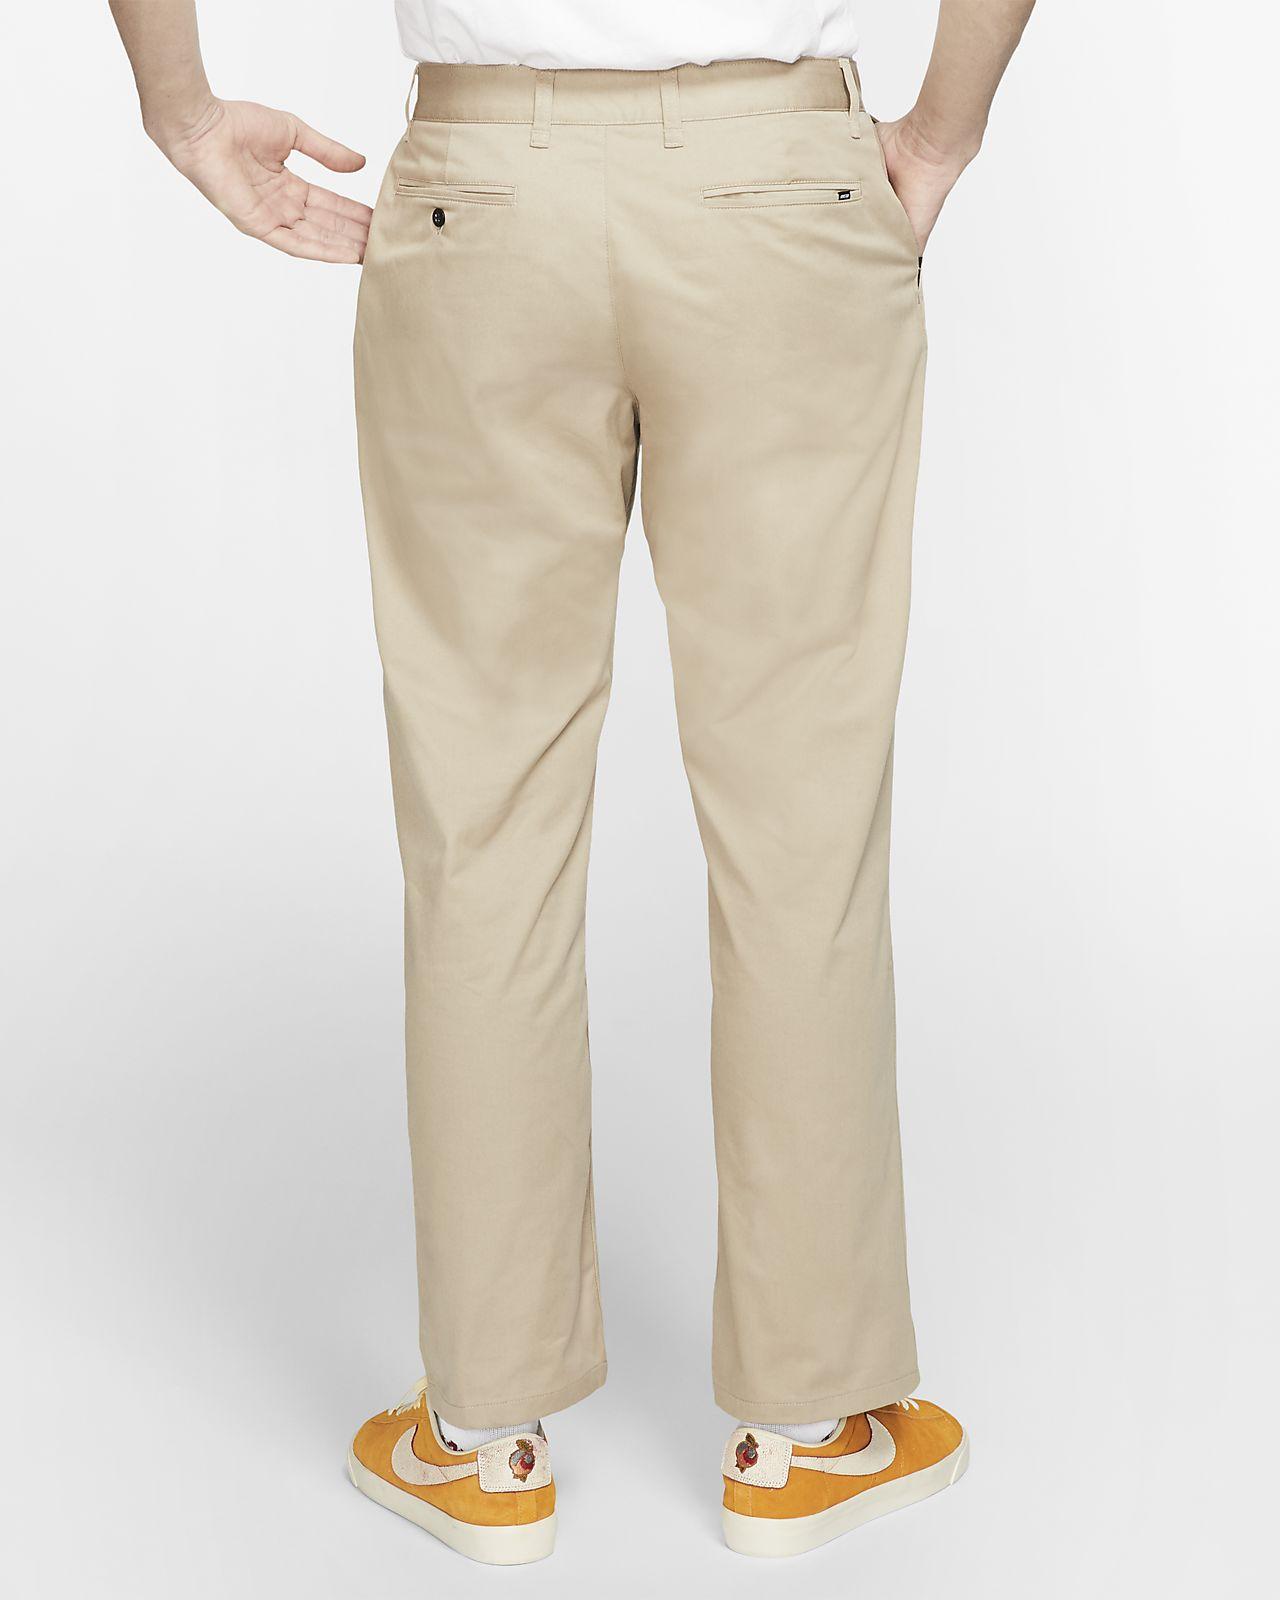 8d486466e23d Nike SB Dri-FIT FTM Men s Loose Fit Trousers. Nike.com GB